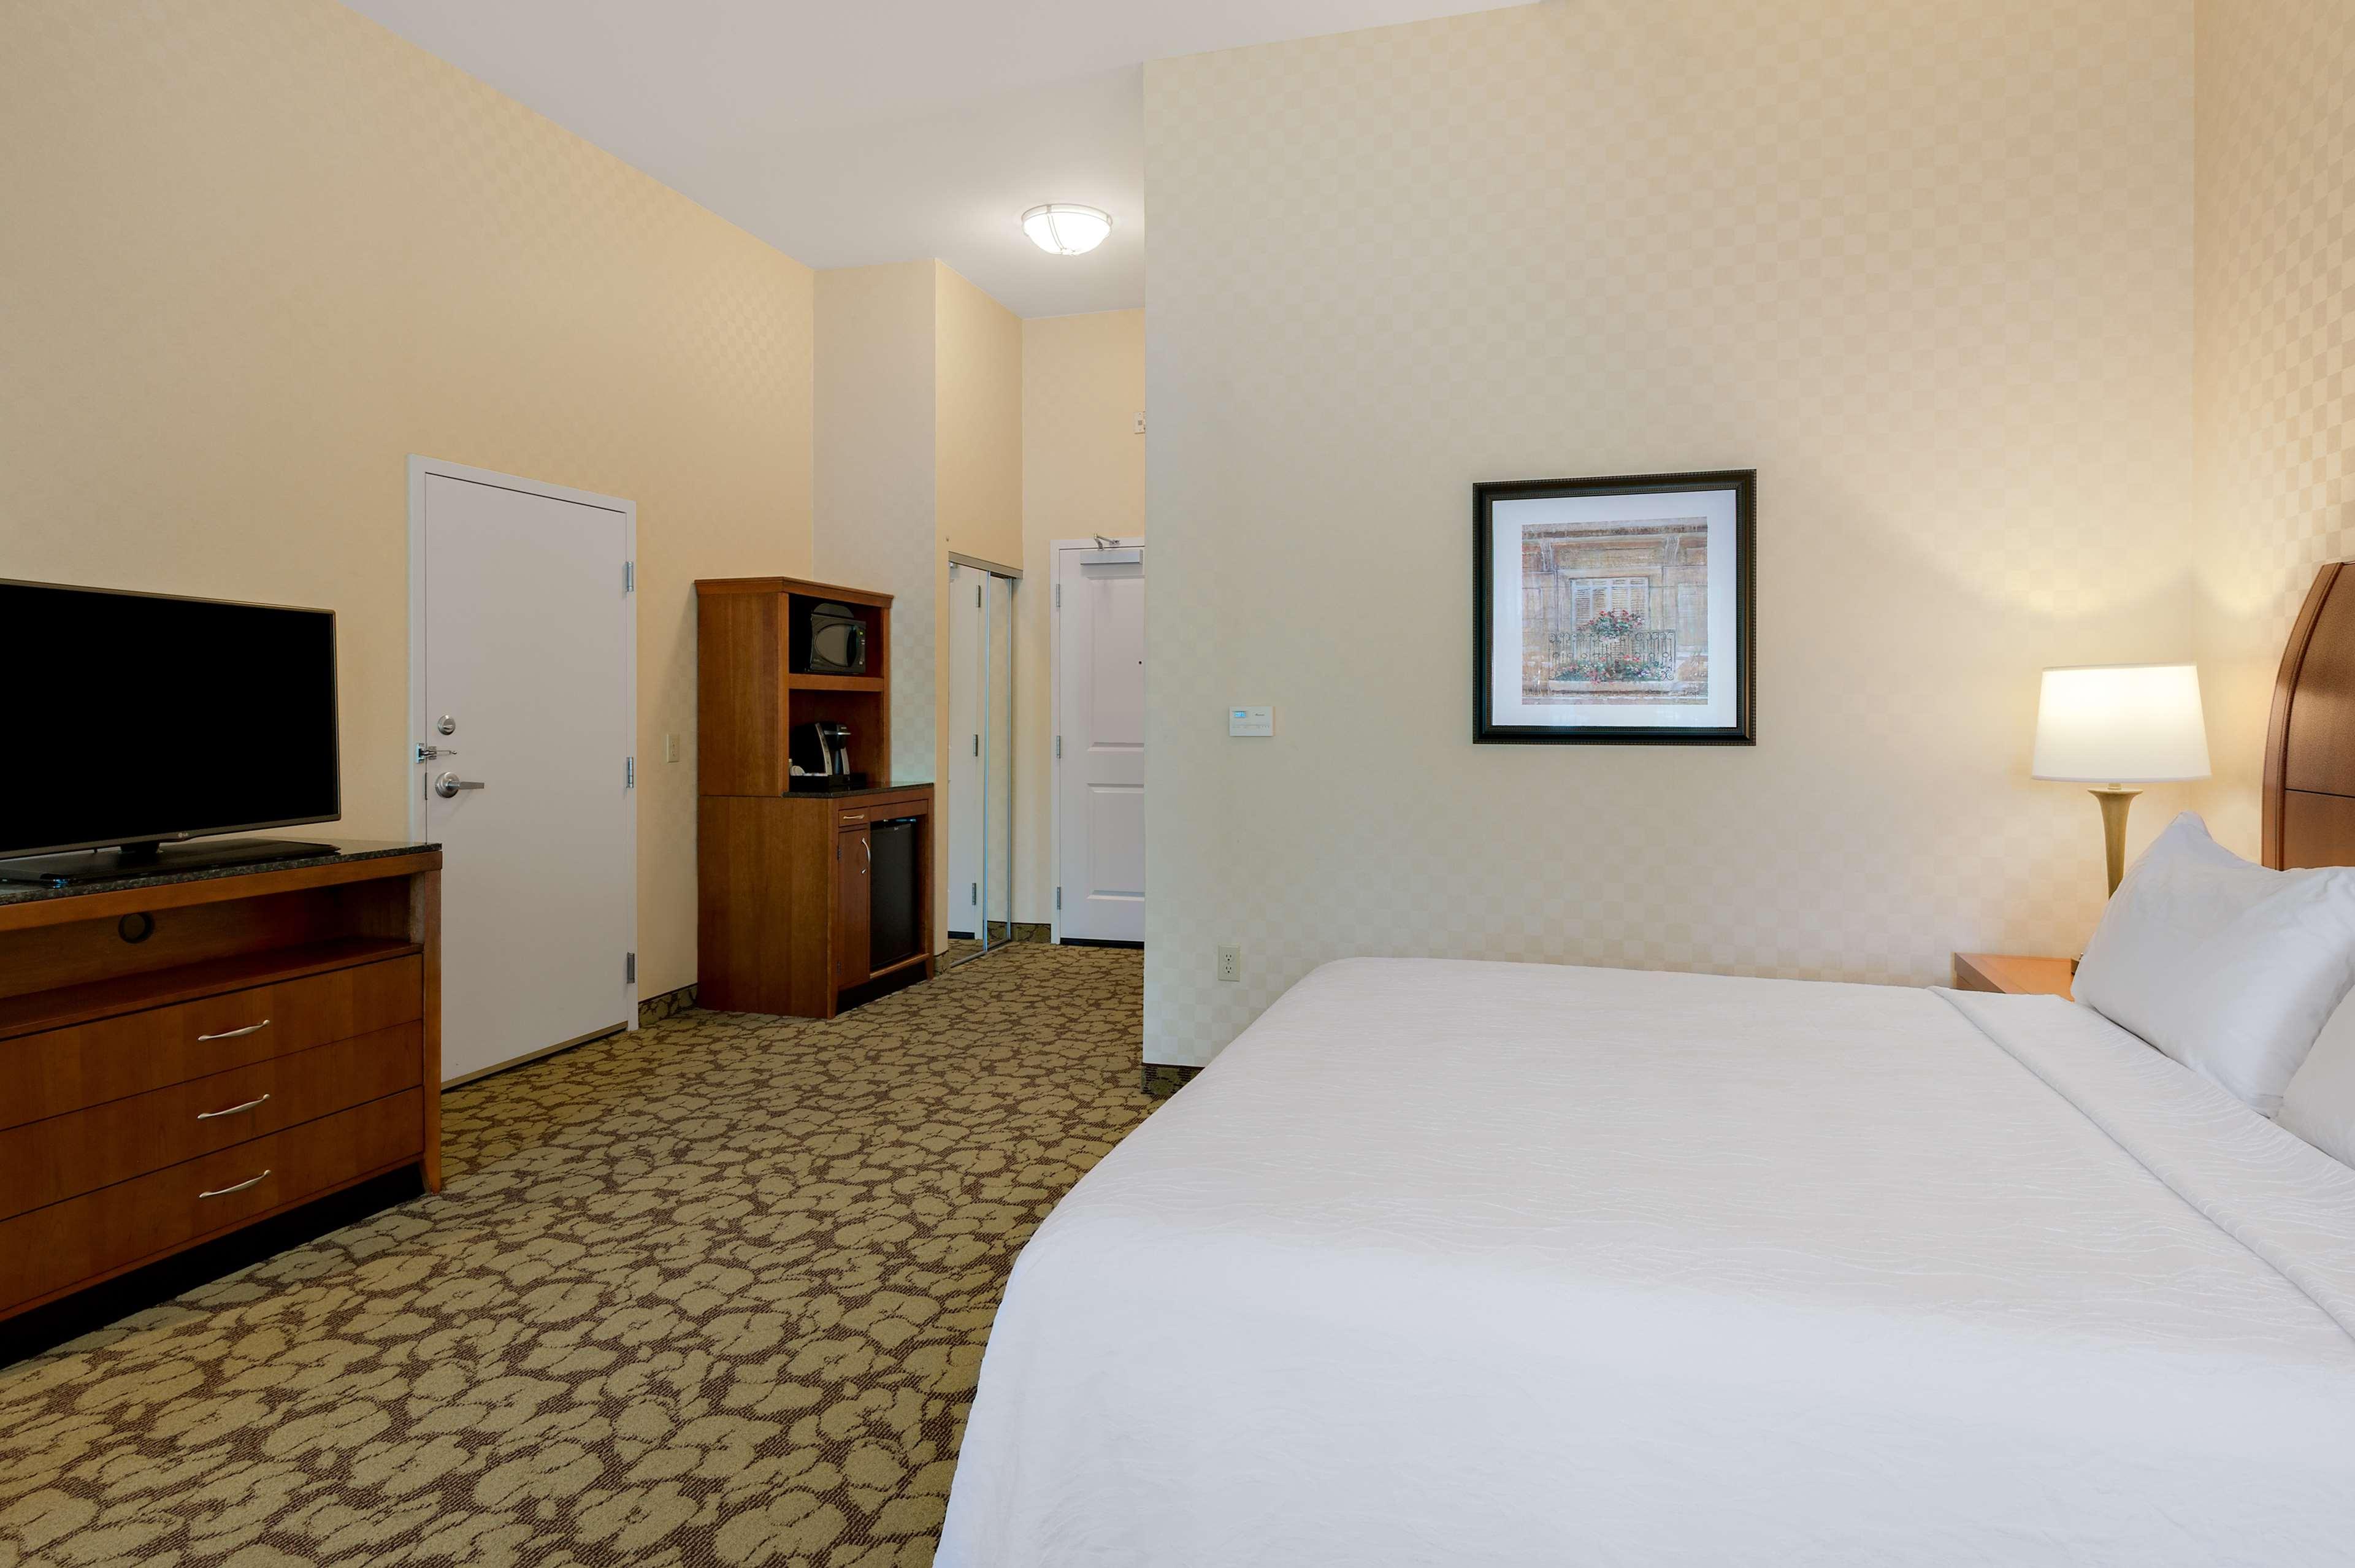 Hilton Garden Inn Sacramento Elk Grove image 21